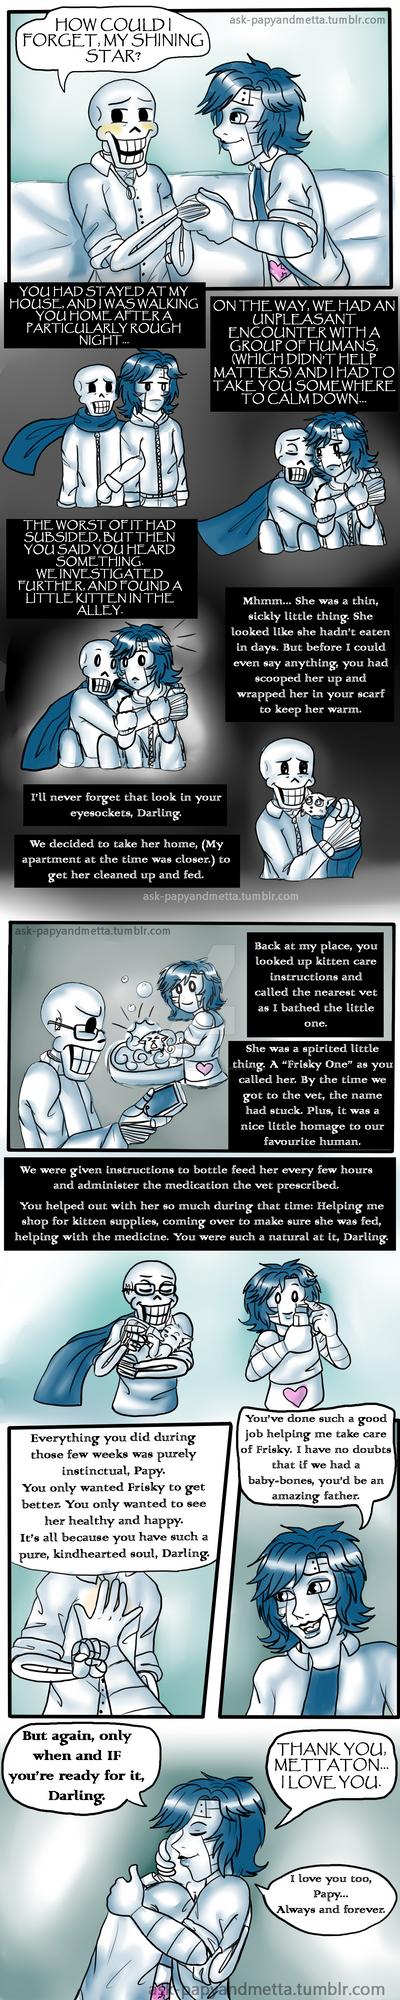 [ASK BLOG] The Blizzard PG 25- Frisky's backstory by PurpleZombieTigress